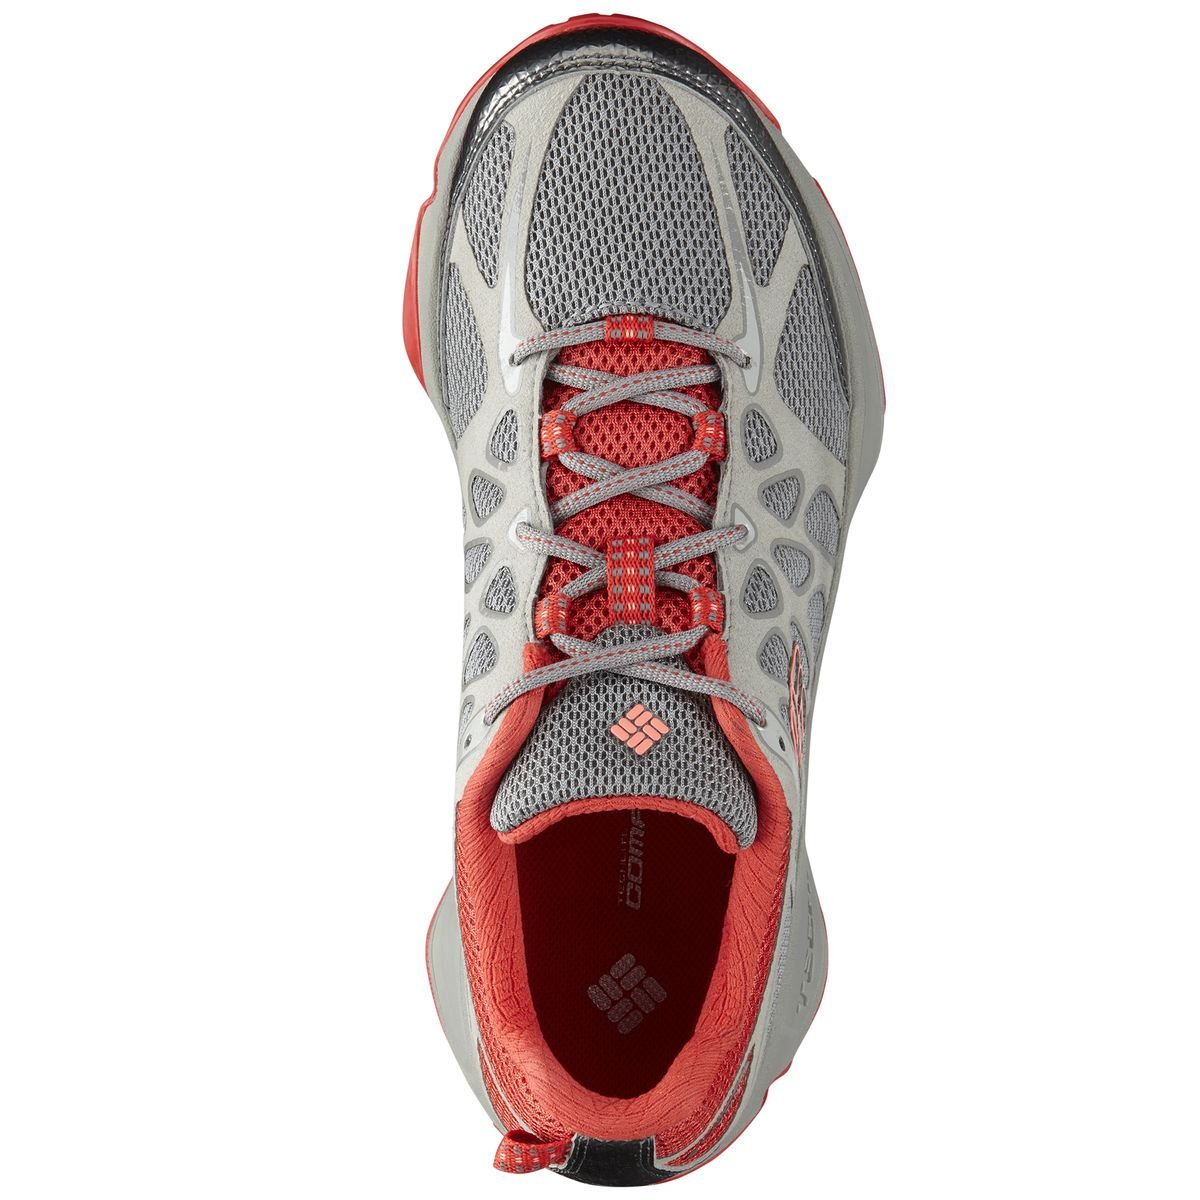 Columbia - Conspiracy Titanium, Titanium, Titanium, scarpe da ginnastica Basse Donna d83086